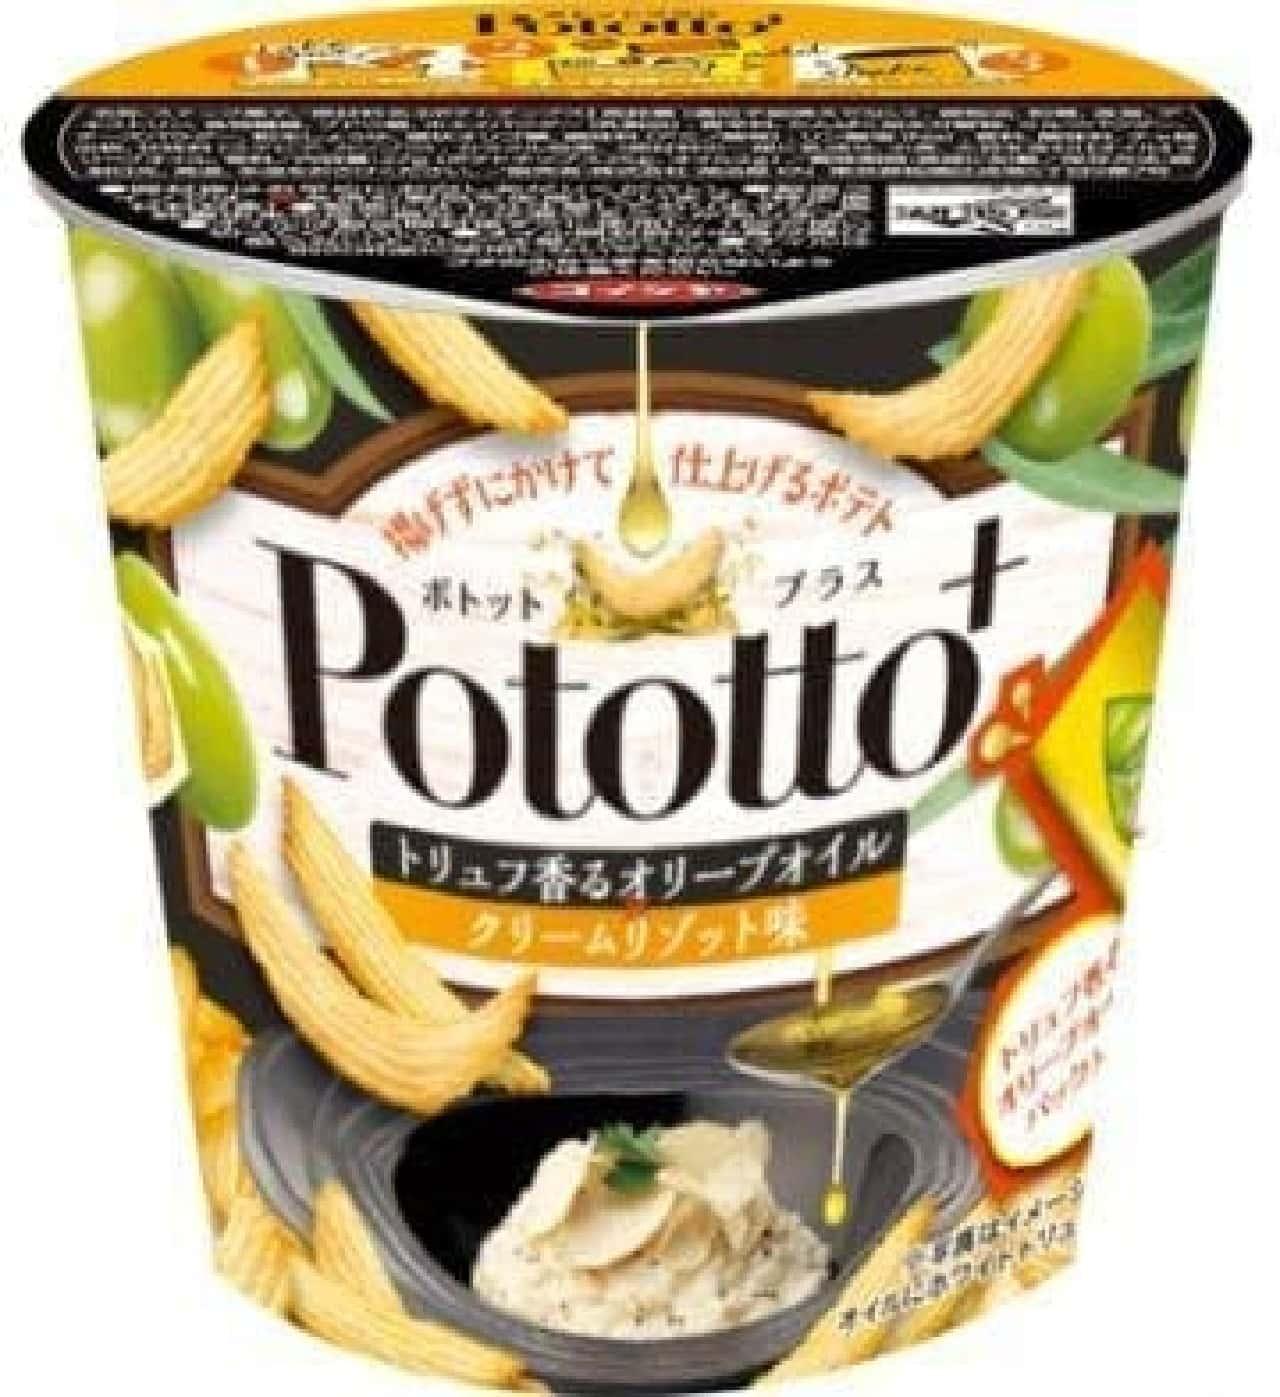 湖池屋「Pototto+ トリュフ香るオリーブオイル×クリームリゾット味」